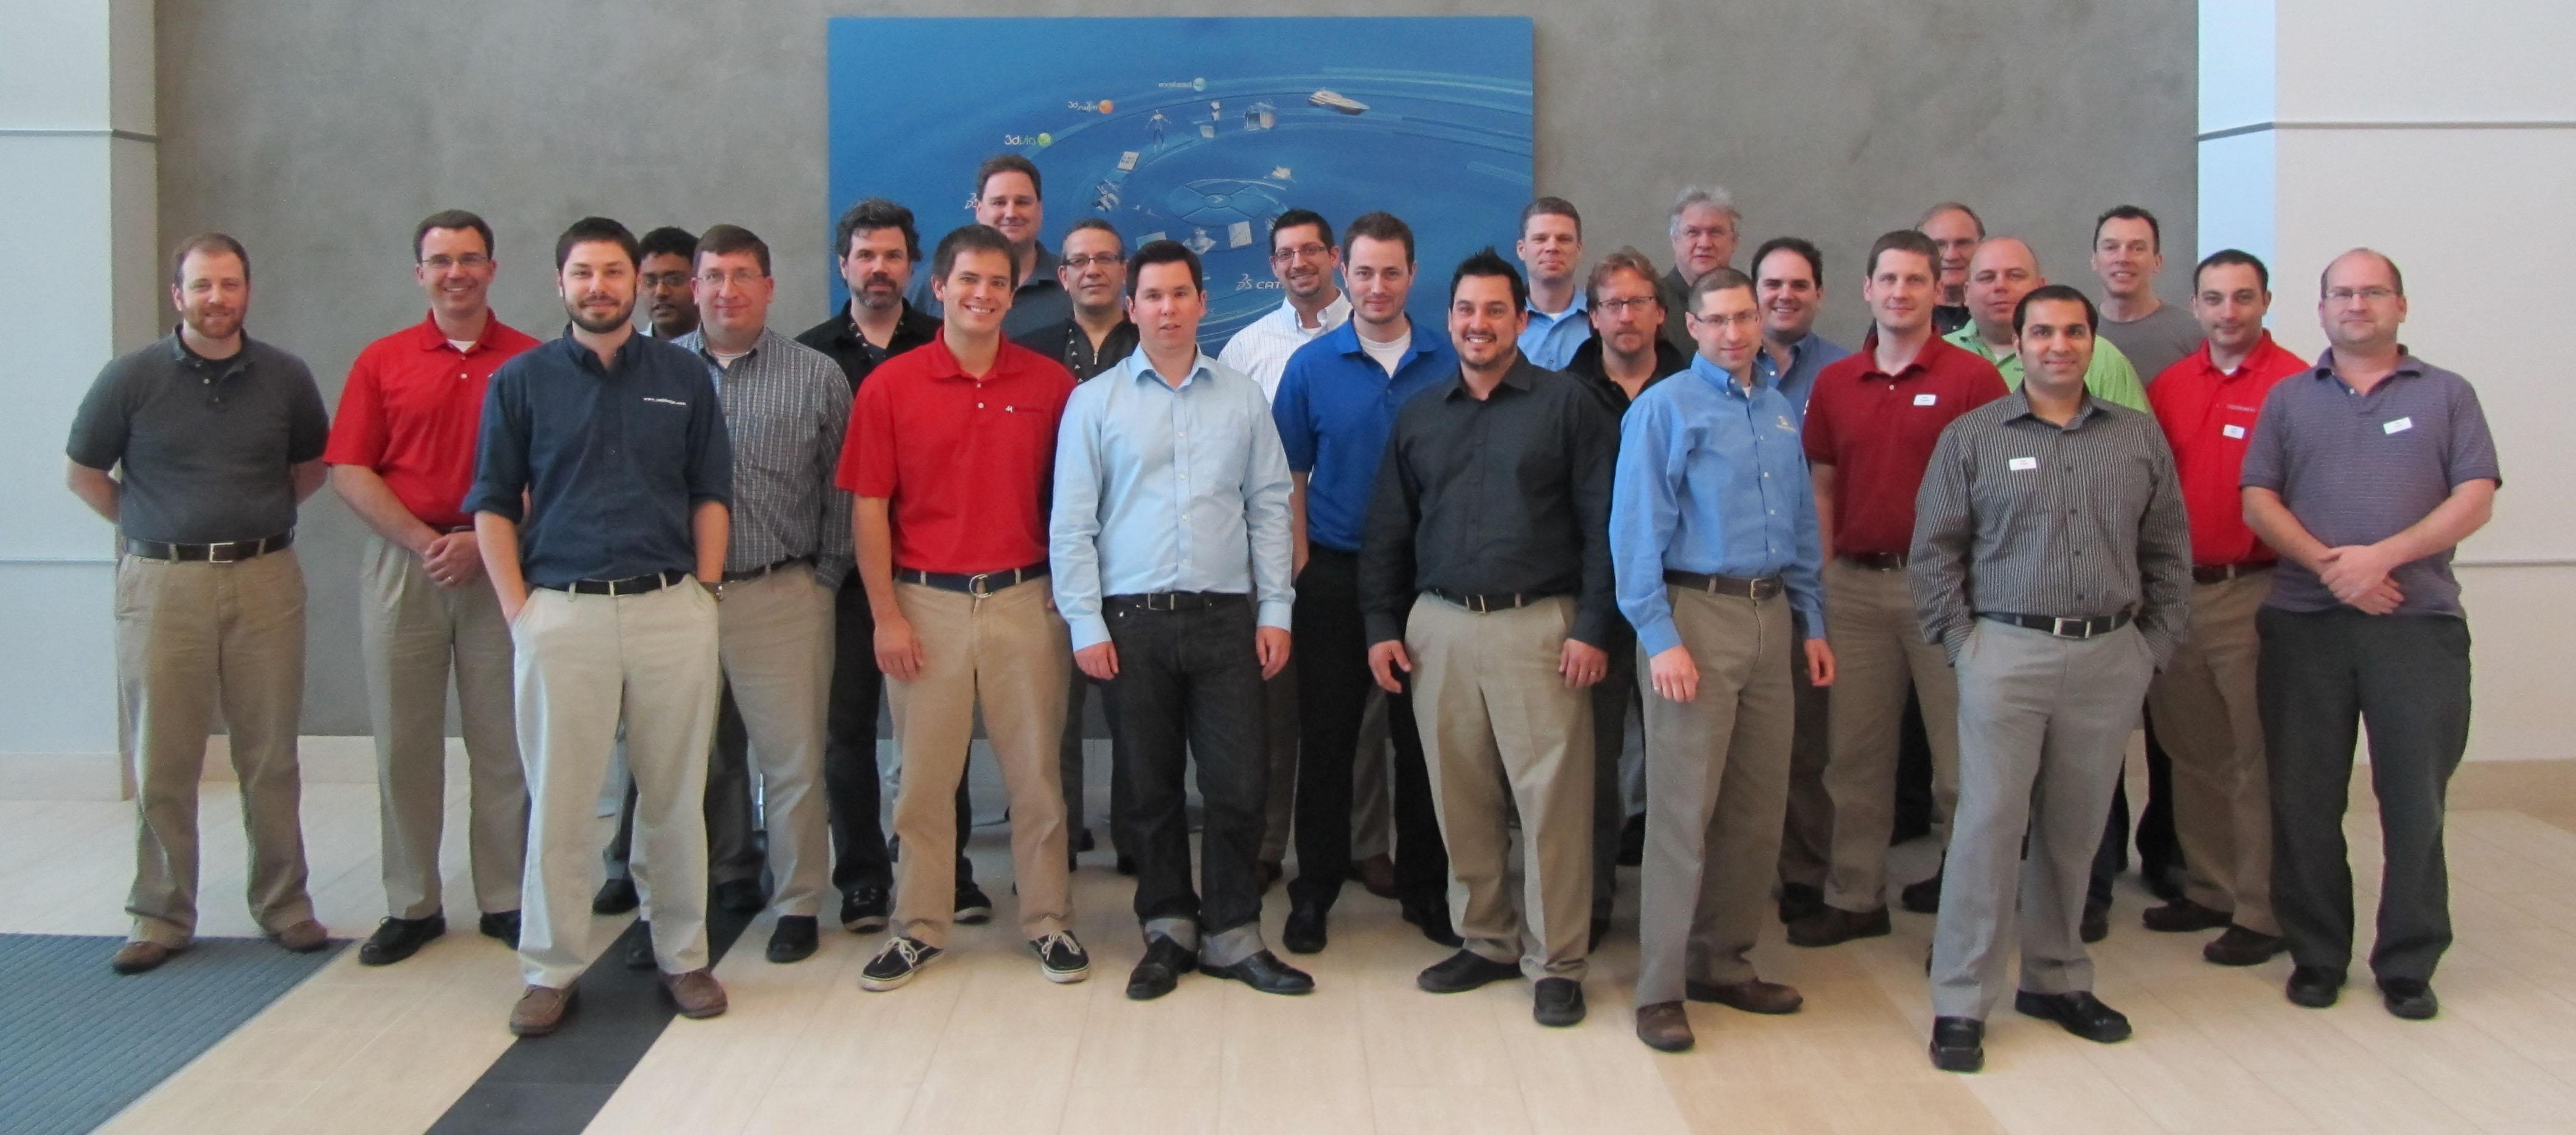 Introducing the SolidWorks Plastics Dream Team